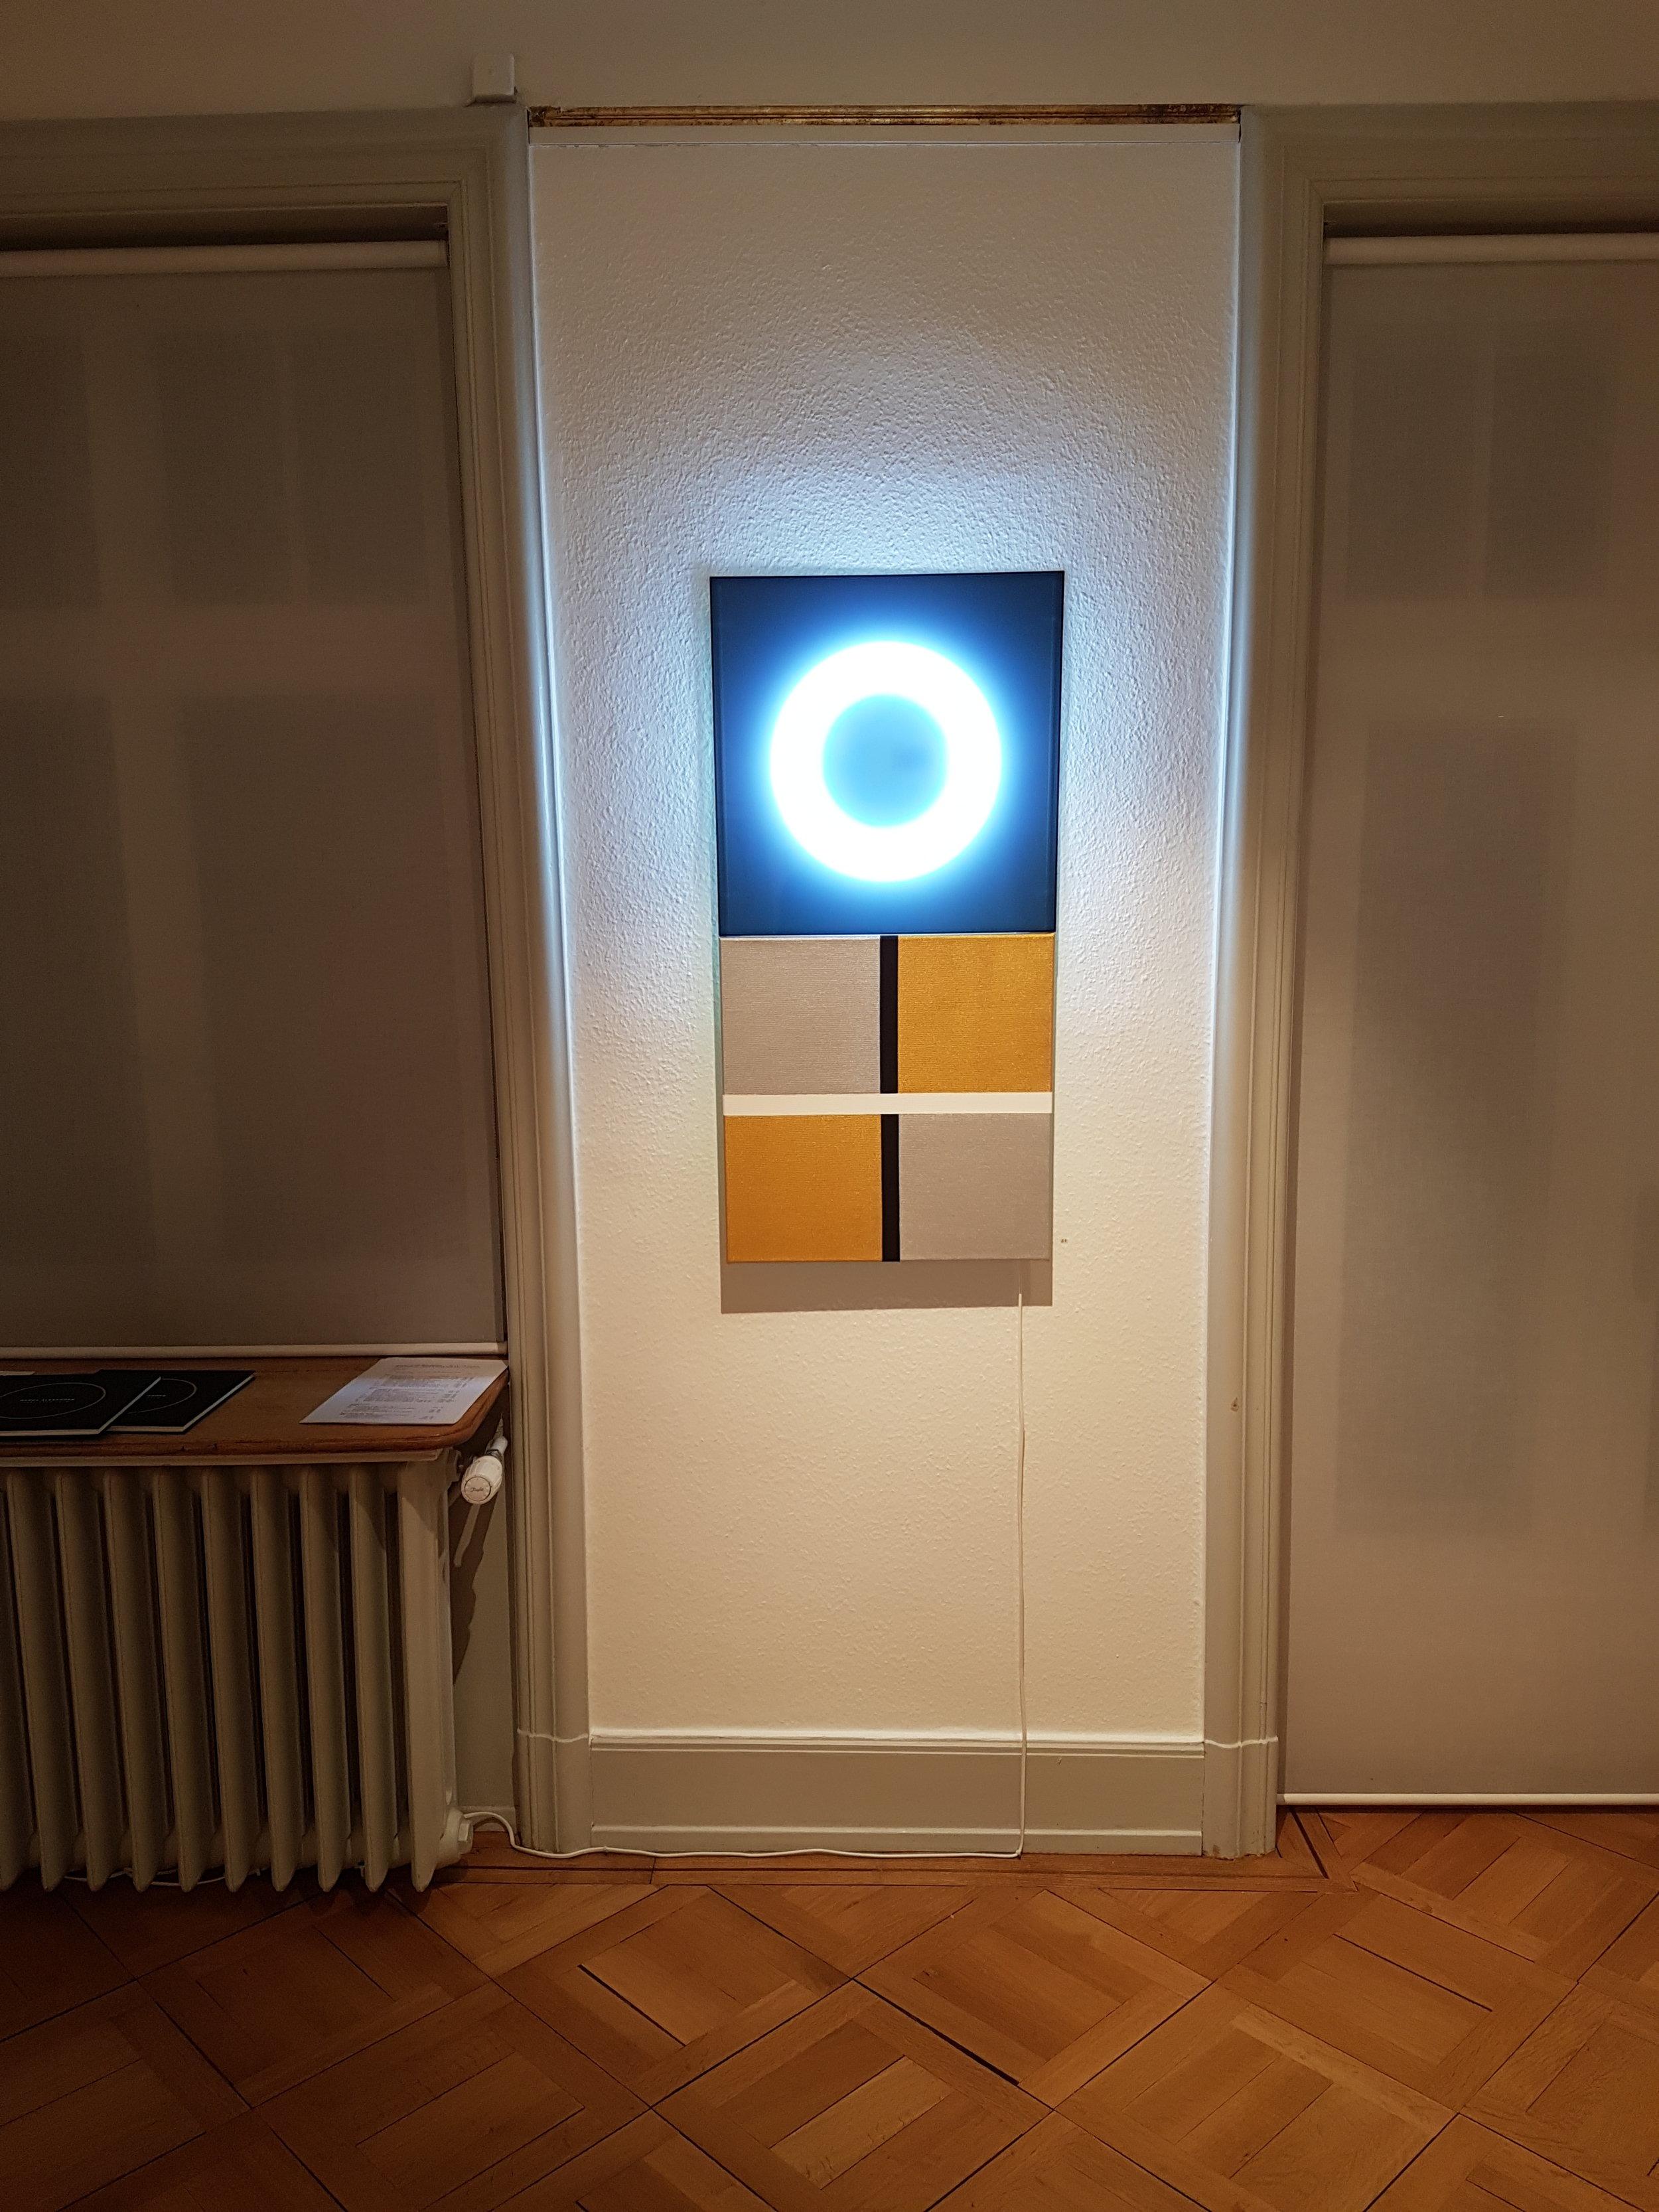 Kunst aus acrylglas2